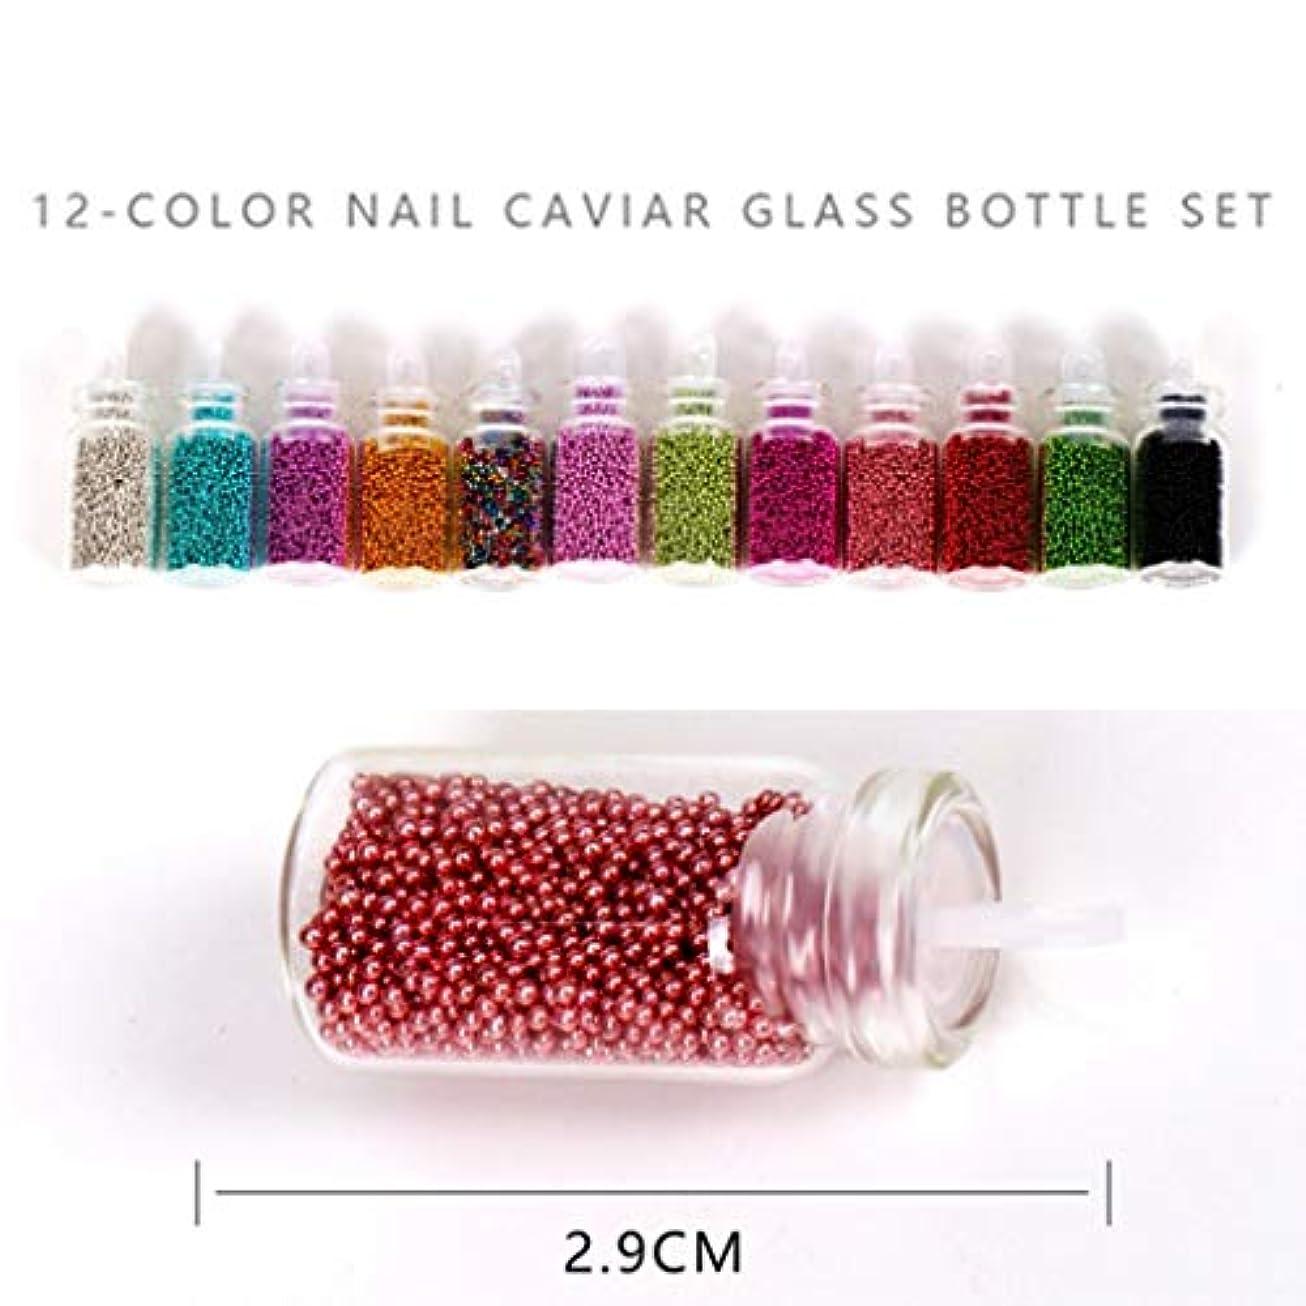 葬儀記念品記念日Wadachikis ホット販売DIYネイルスチールキャビアカラー1 mmスモールスチールボール12色混合カラーネイルアート装飾スーツ(None 12 Color Caviar Set)